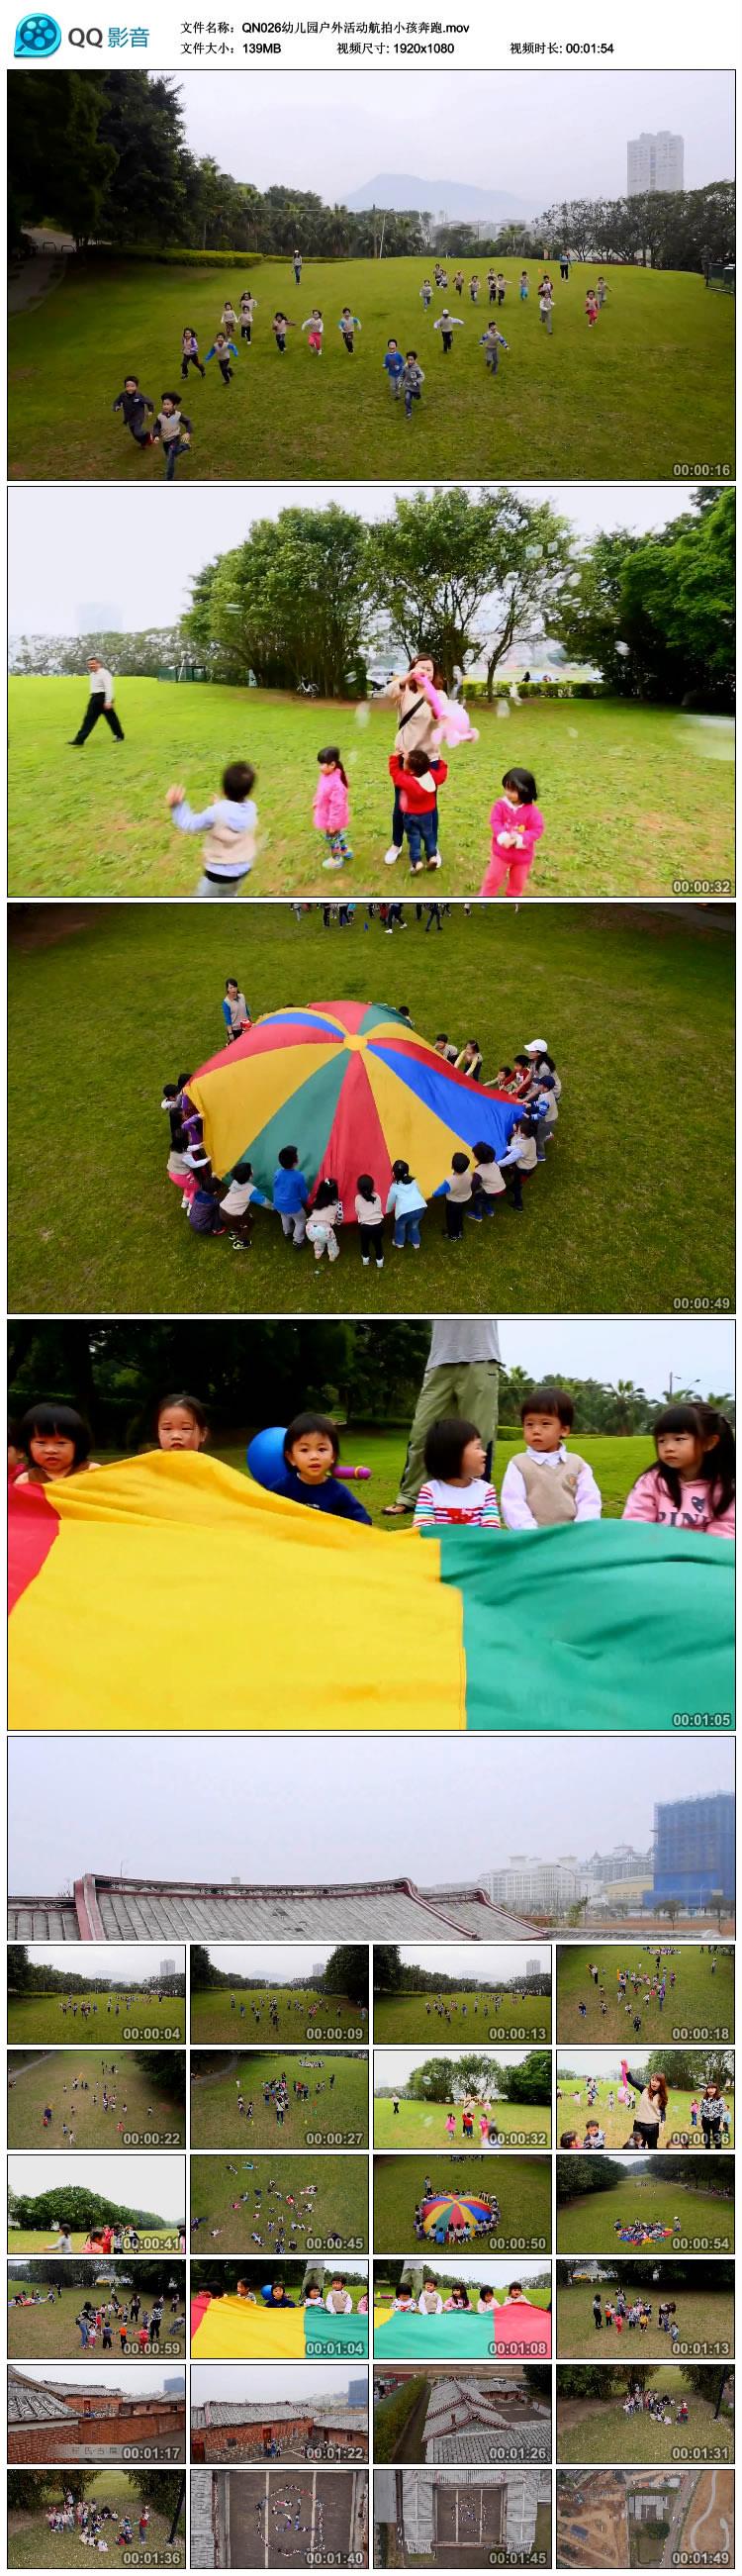 幼儿园高清实拍儿童户外活动航拍小孩奔跑视频素材